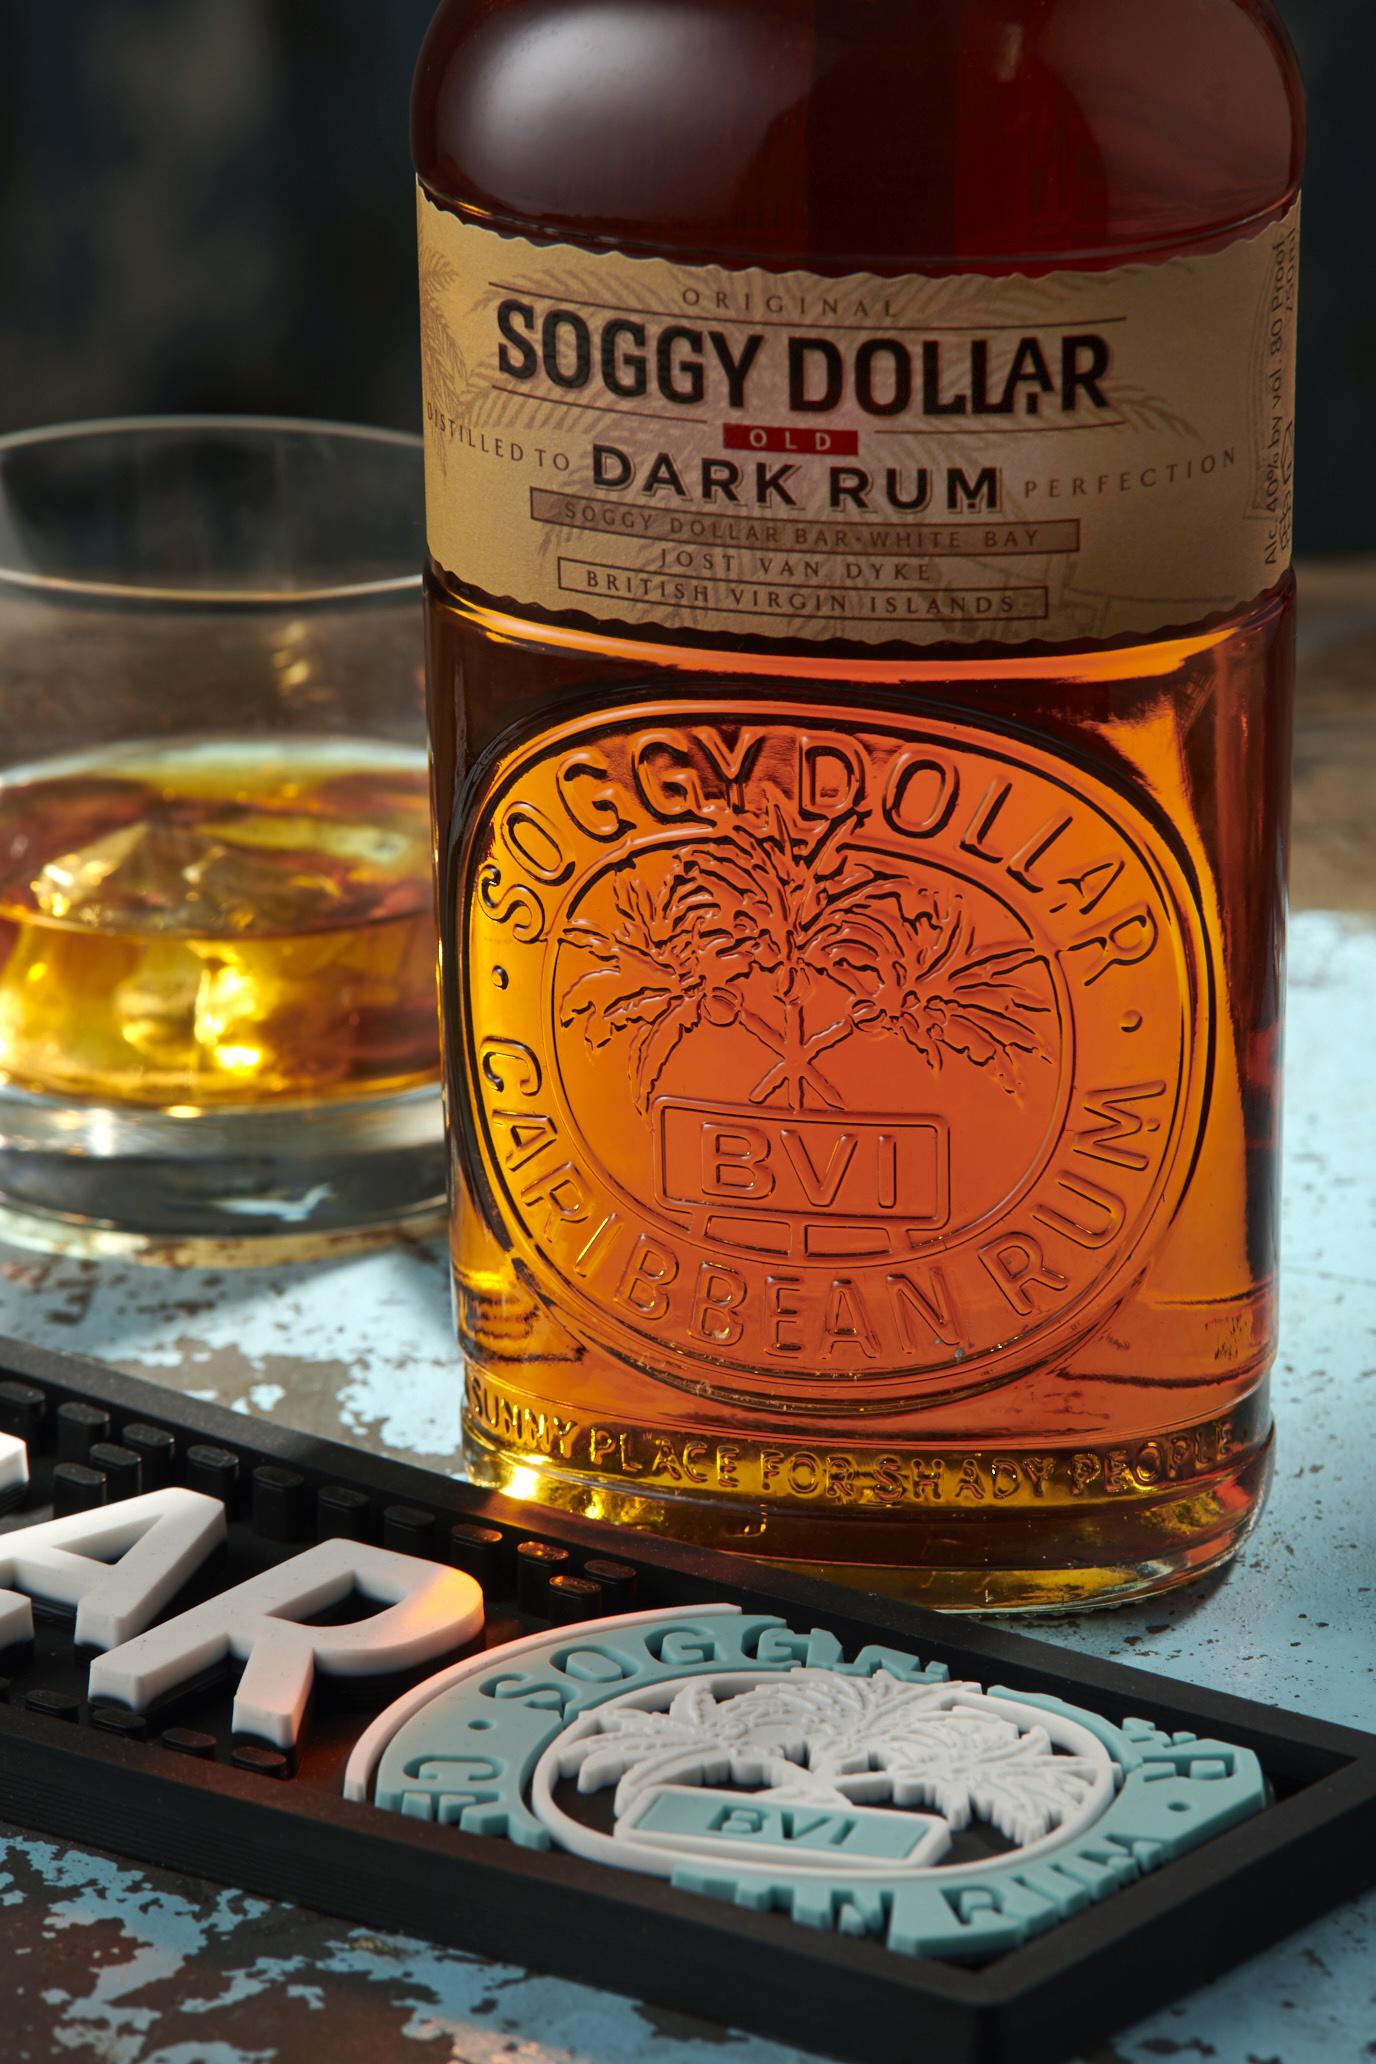 Soggy Dollar Rum